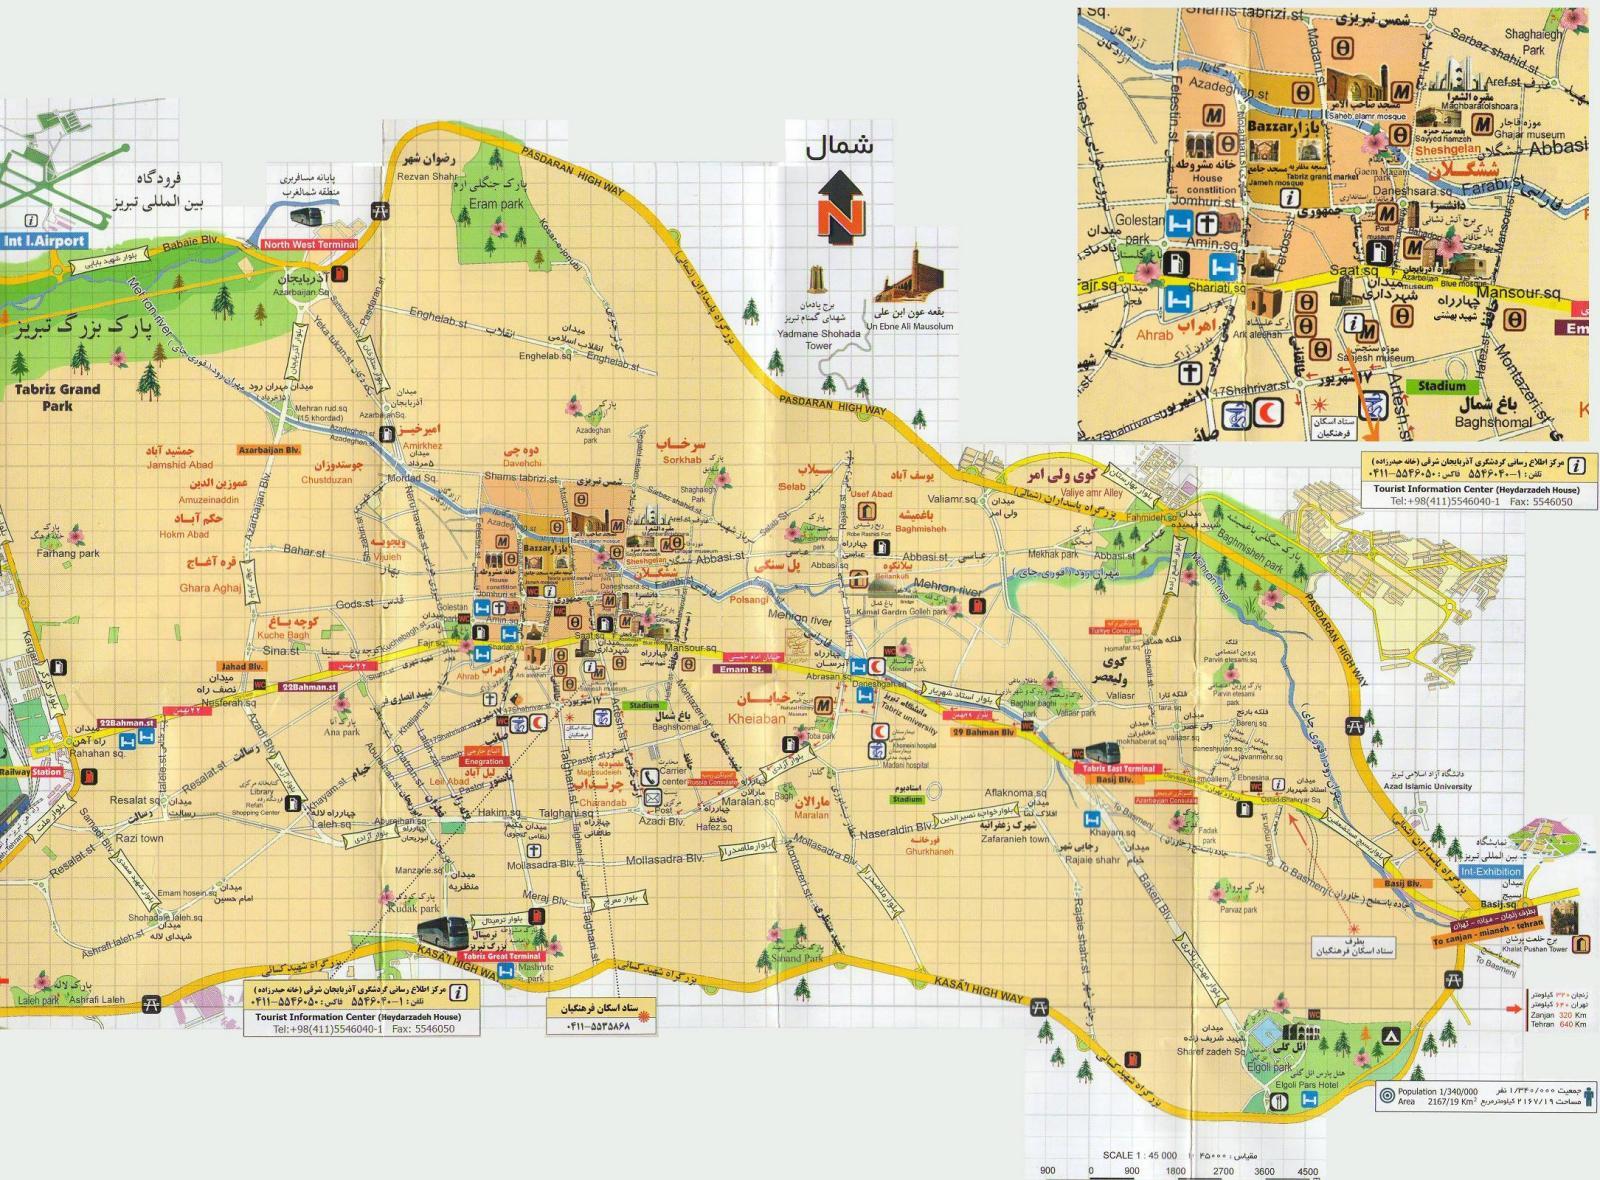 تحلیل مدل ضریب تکاثر در توسعه صنعت گردشگری در استان آذربایجان شرقی